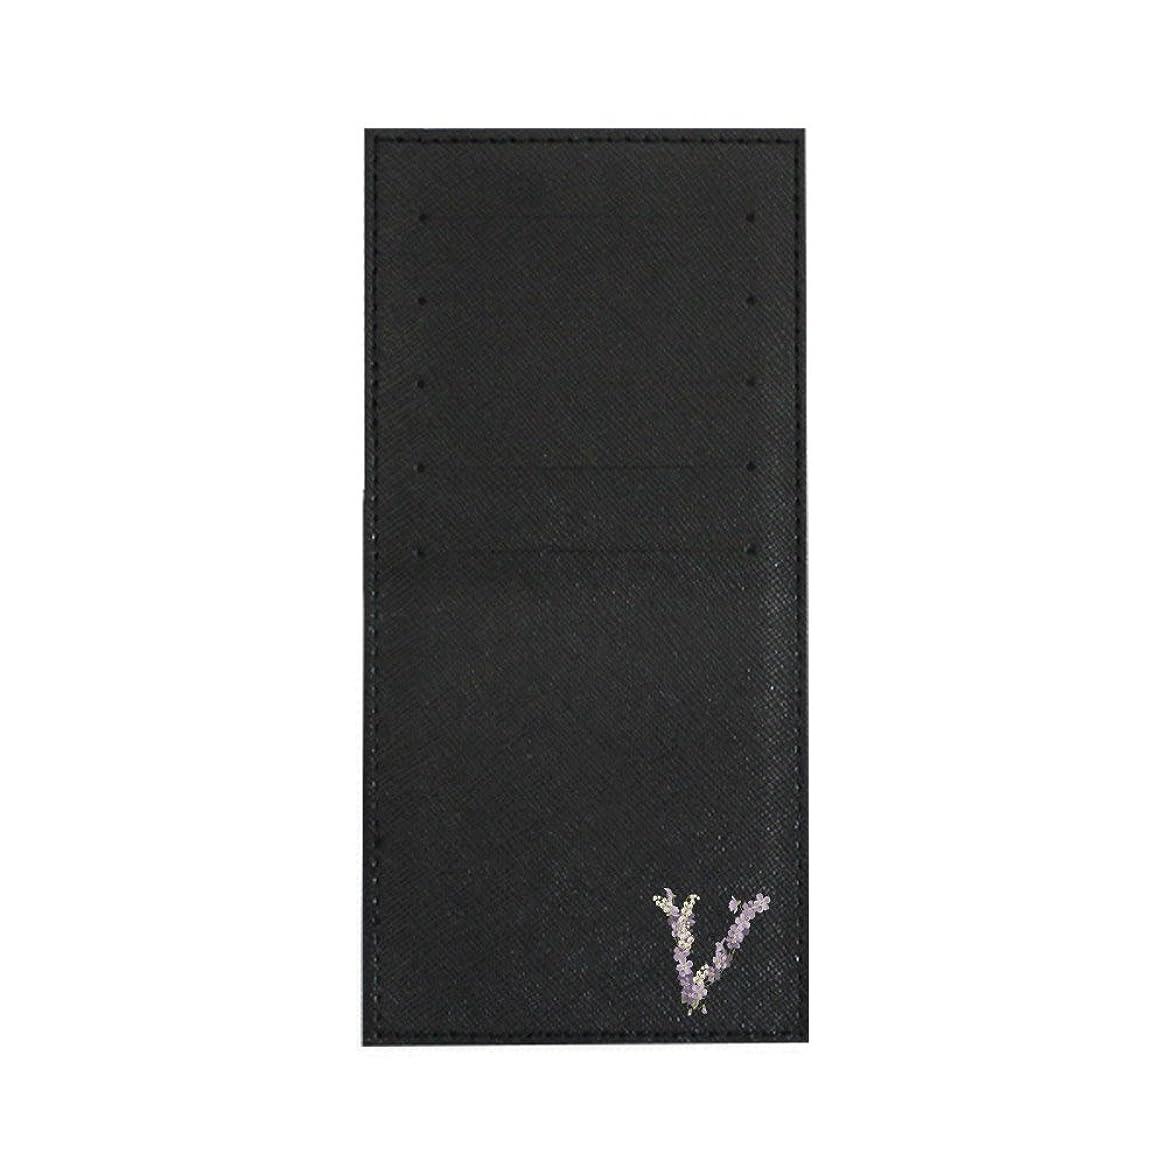 キラウエア山比喩コントロールインナーカードケース 長財布用カードケース 10枚収納可能 カード入れ 収納 プレゼント ギフト 2810フラワーネーム ( V ) ブラック mirai